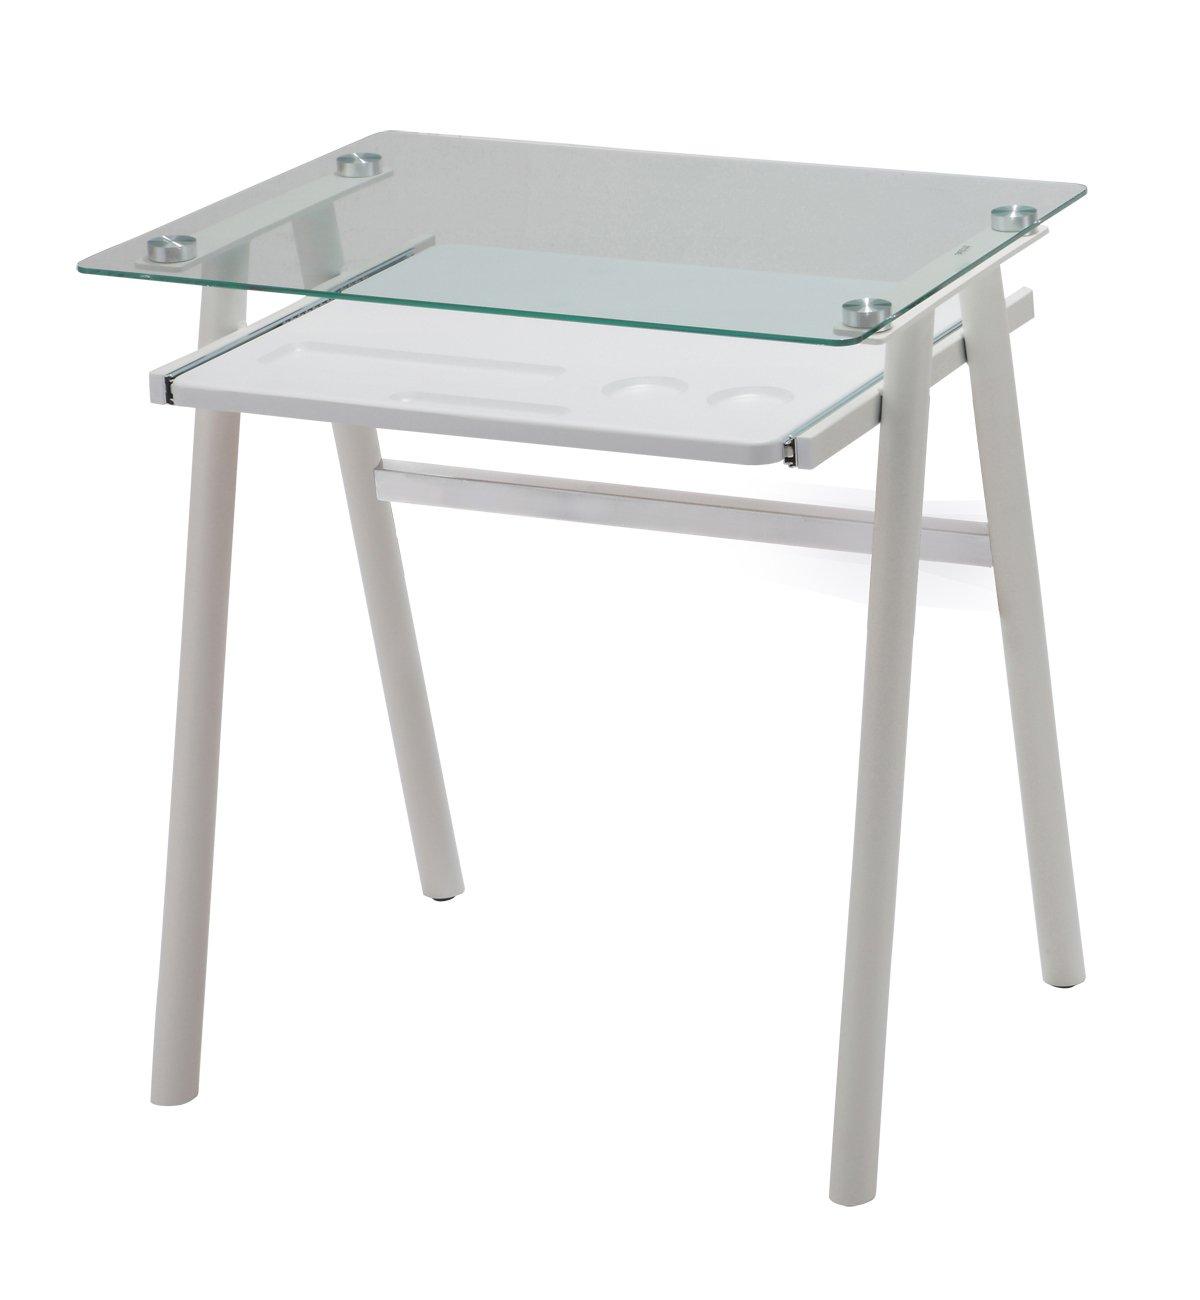 あずま工芸 トリスタ ガラスデスク 幅70cm ガラス天板 ホワイト EDG-1971 B01HMCR5E2 ホワイト ホワイト